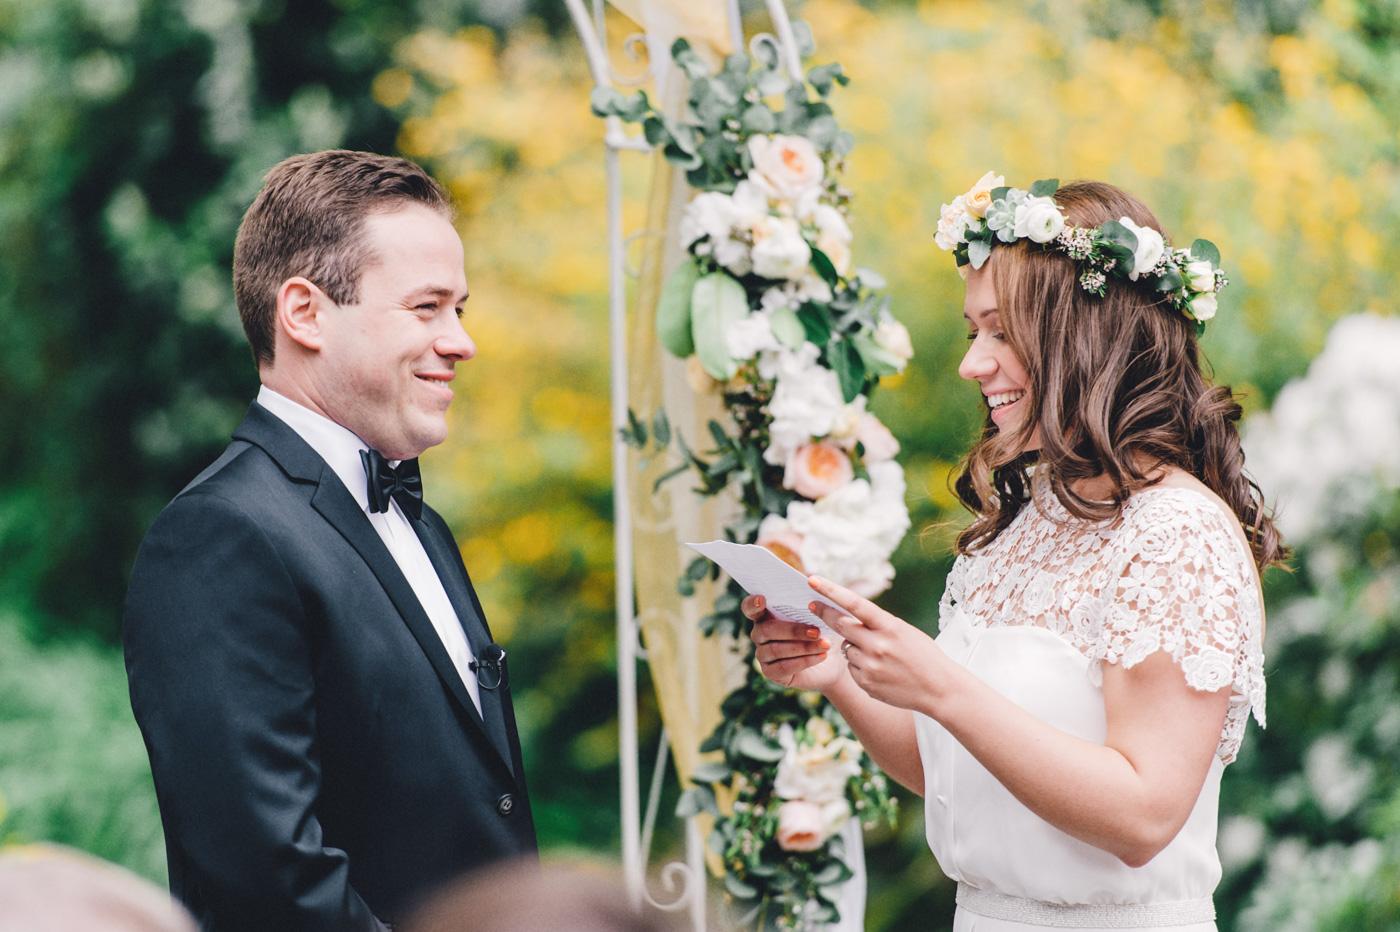 diy-wedding-nothenhof--90